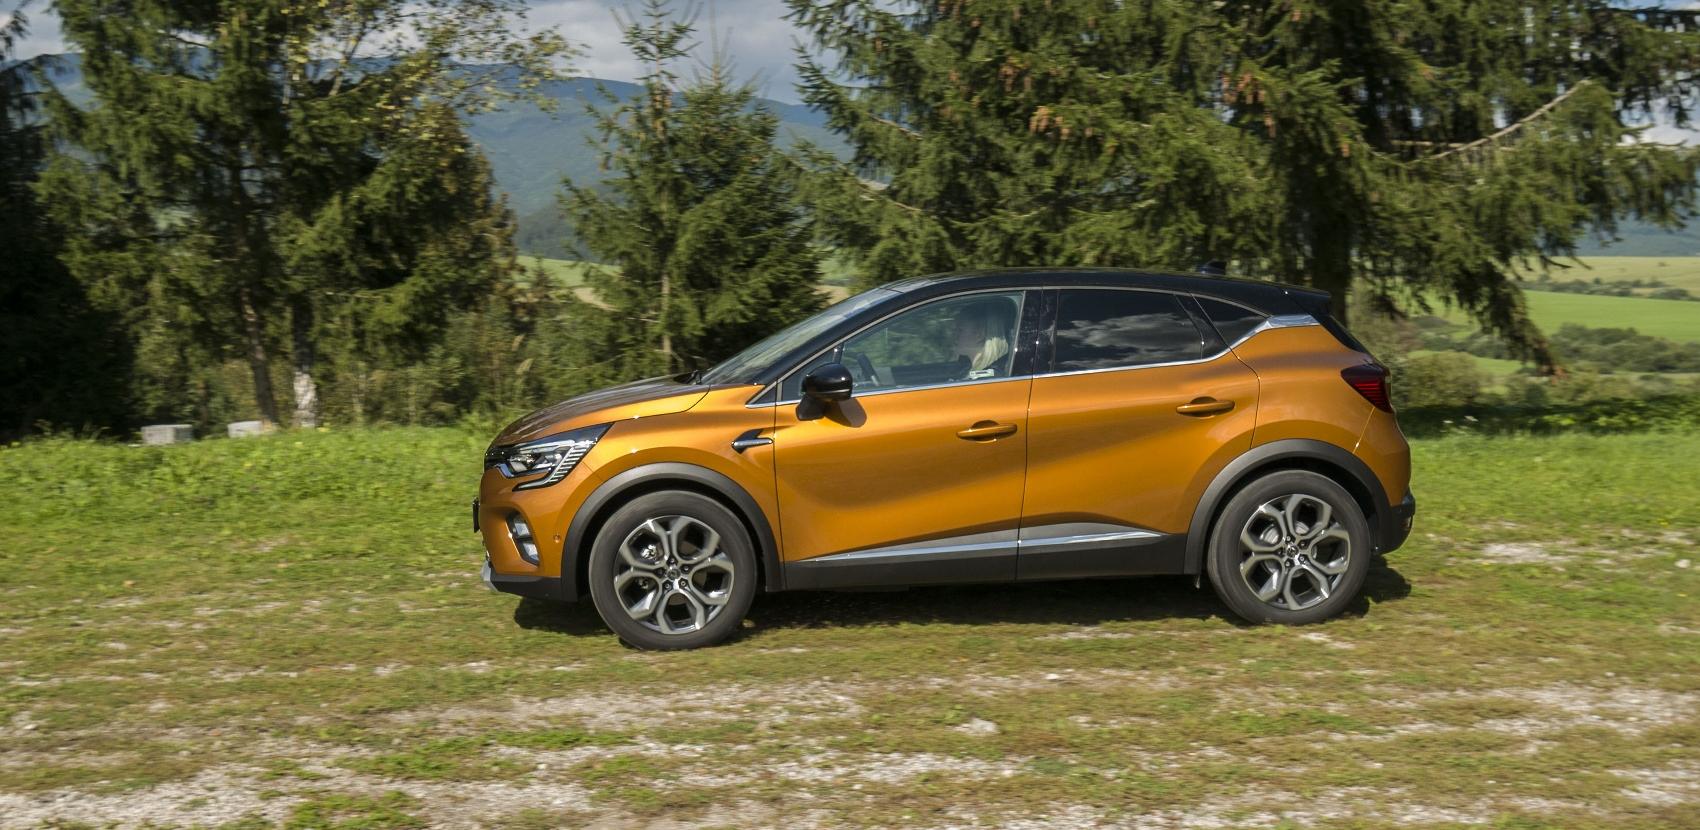 Test: V interiéri sa Renault Captur tvári ako o triedu drahšie auto 2UXu2EmUva renault-captur-11